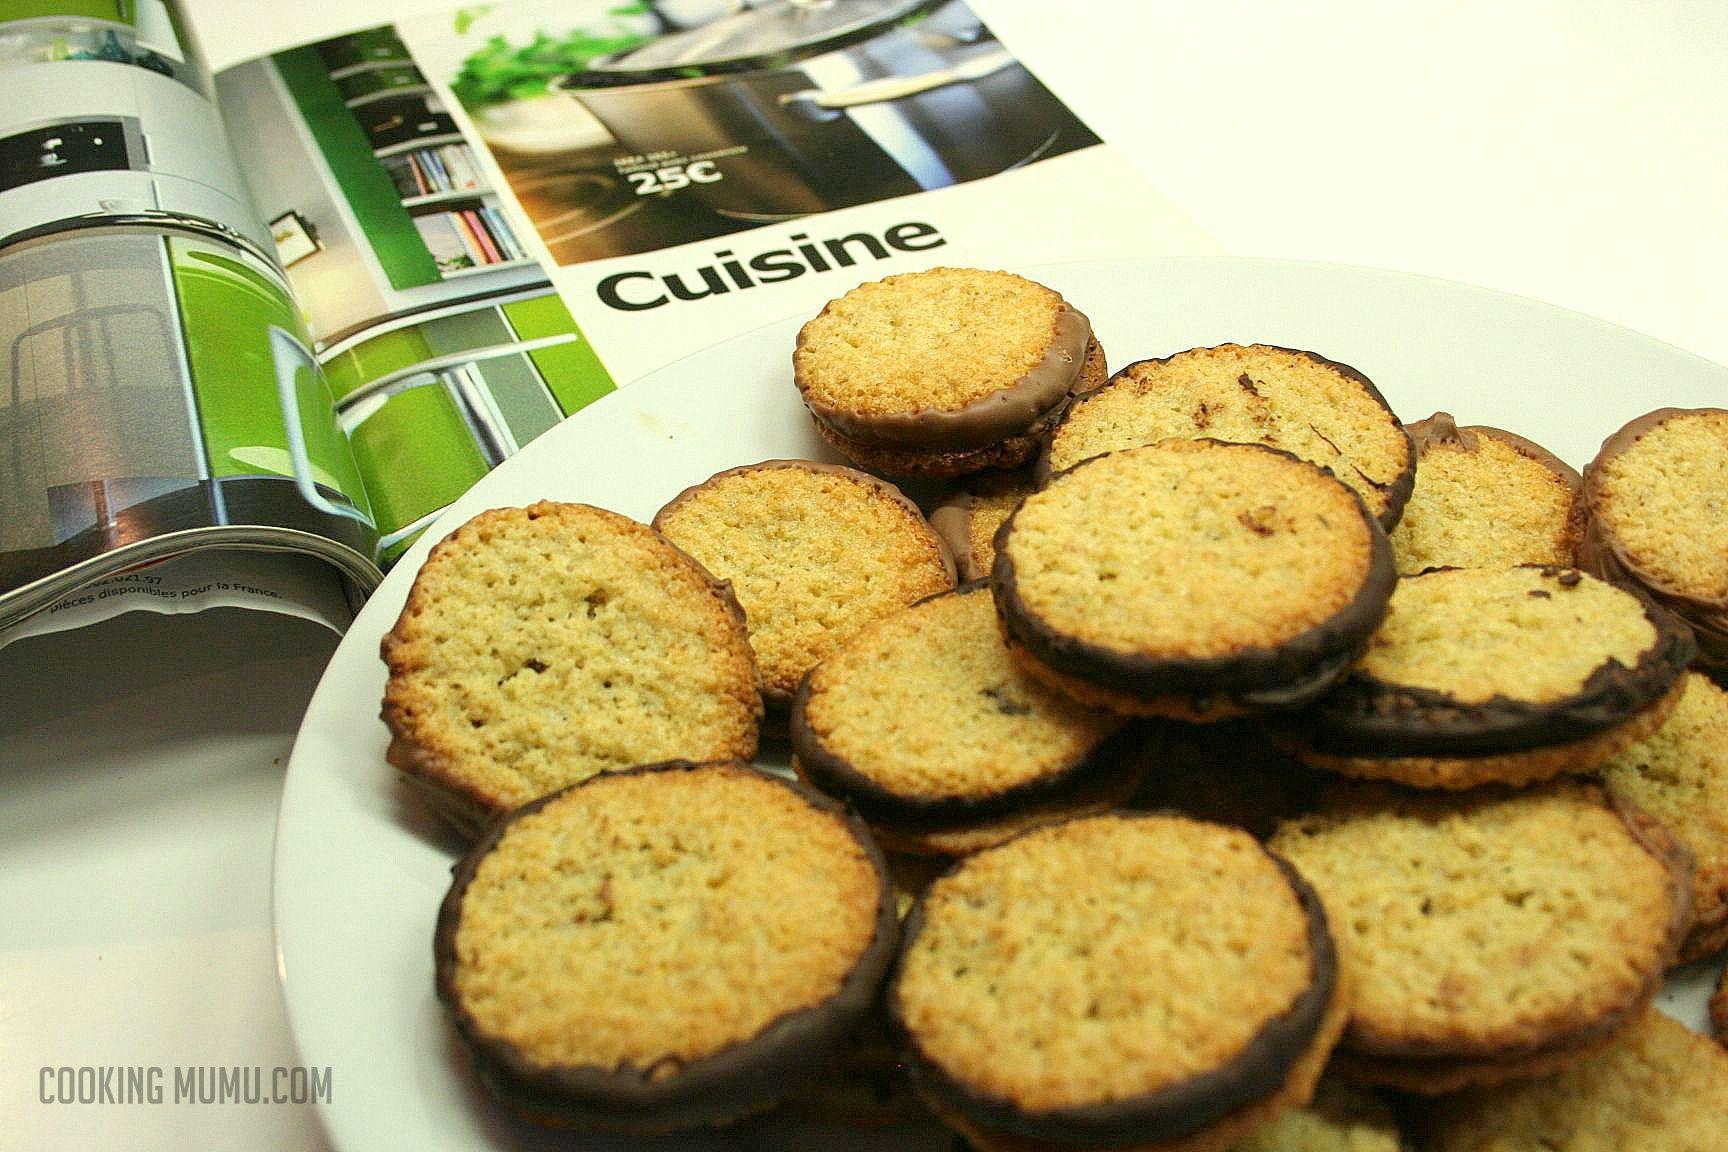 Havreflarn Ou Le Biscuit à Lavoine Comme à Ikéa Cooking Mumu